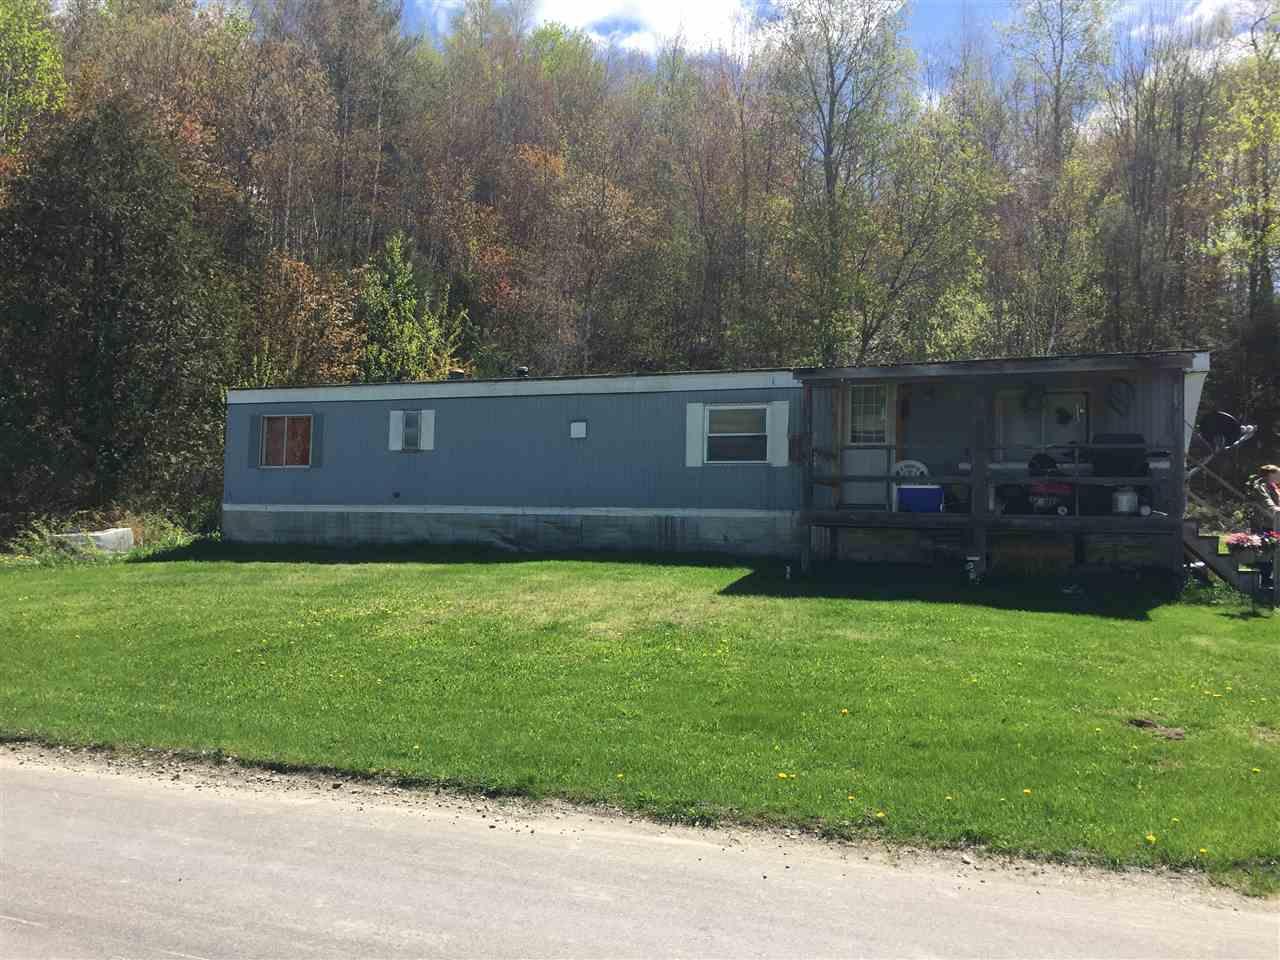 257 Mink Farm Rd, Lowell, VT 05847